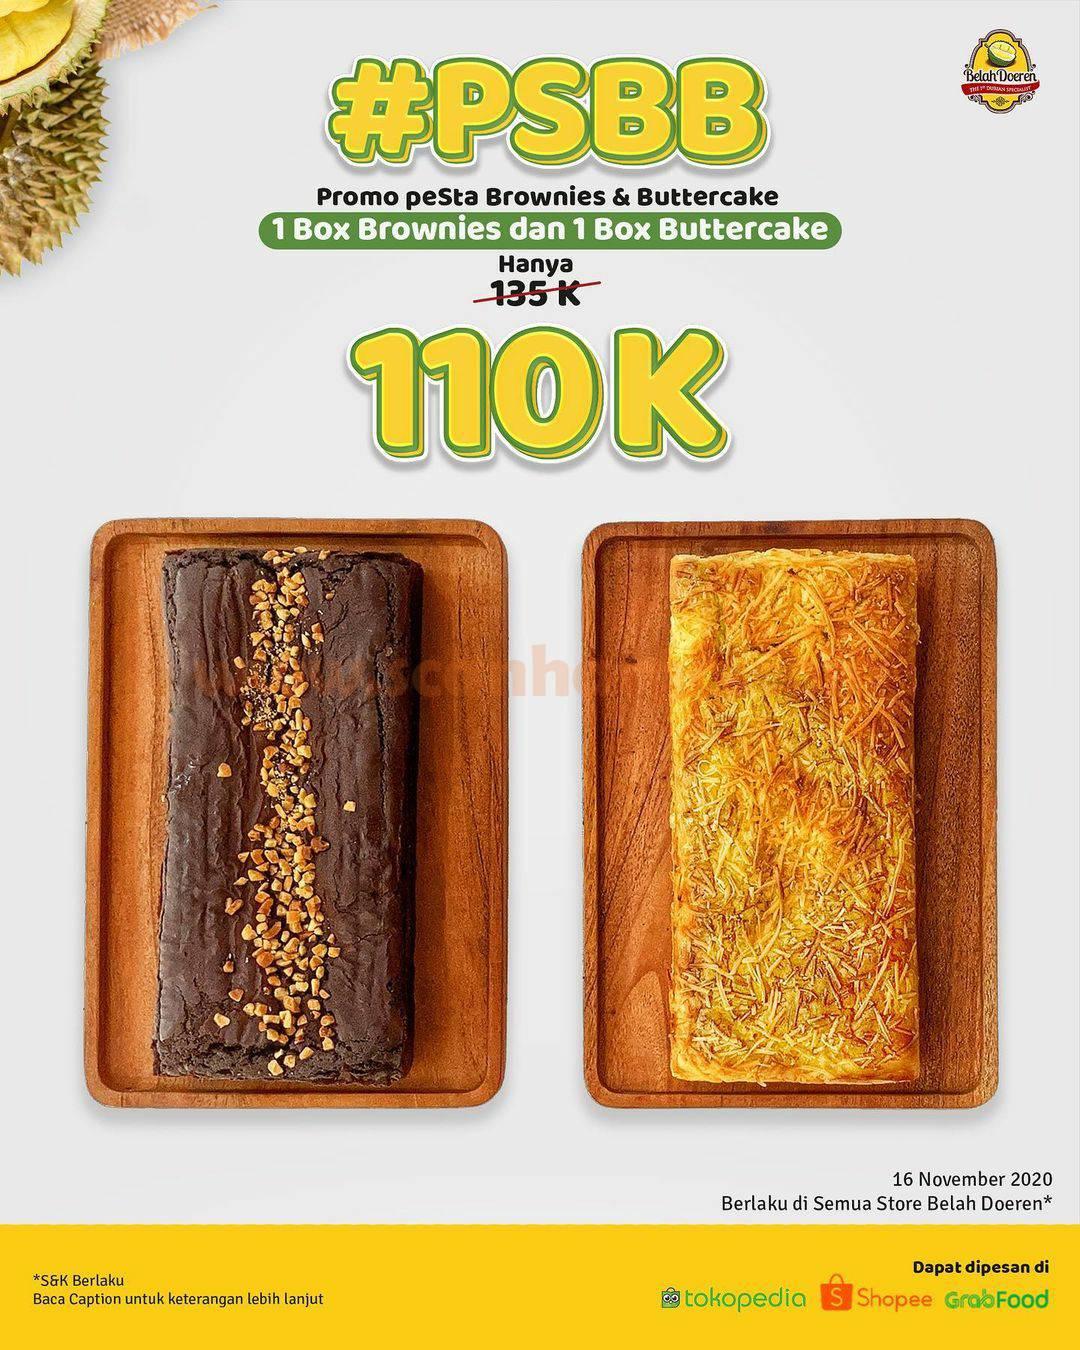 Promo Belah Doeren Paket PSBB: peSta Brownies & Buttercake Hanya 110K